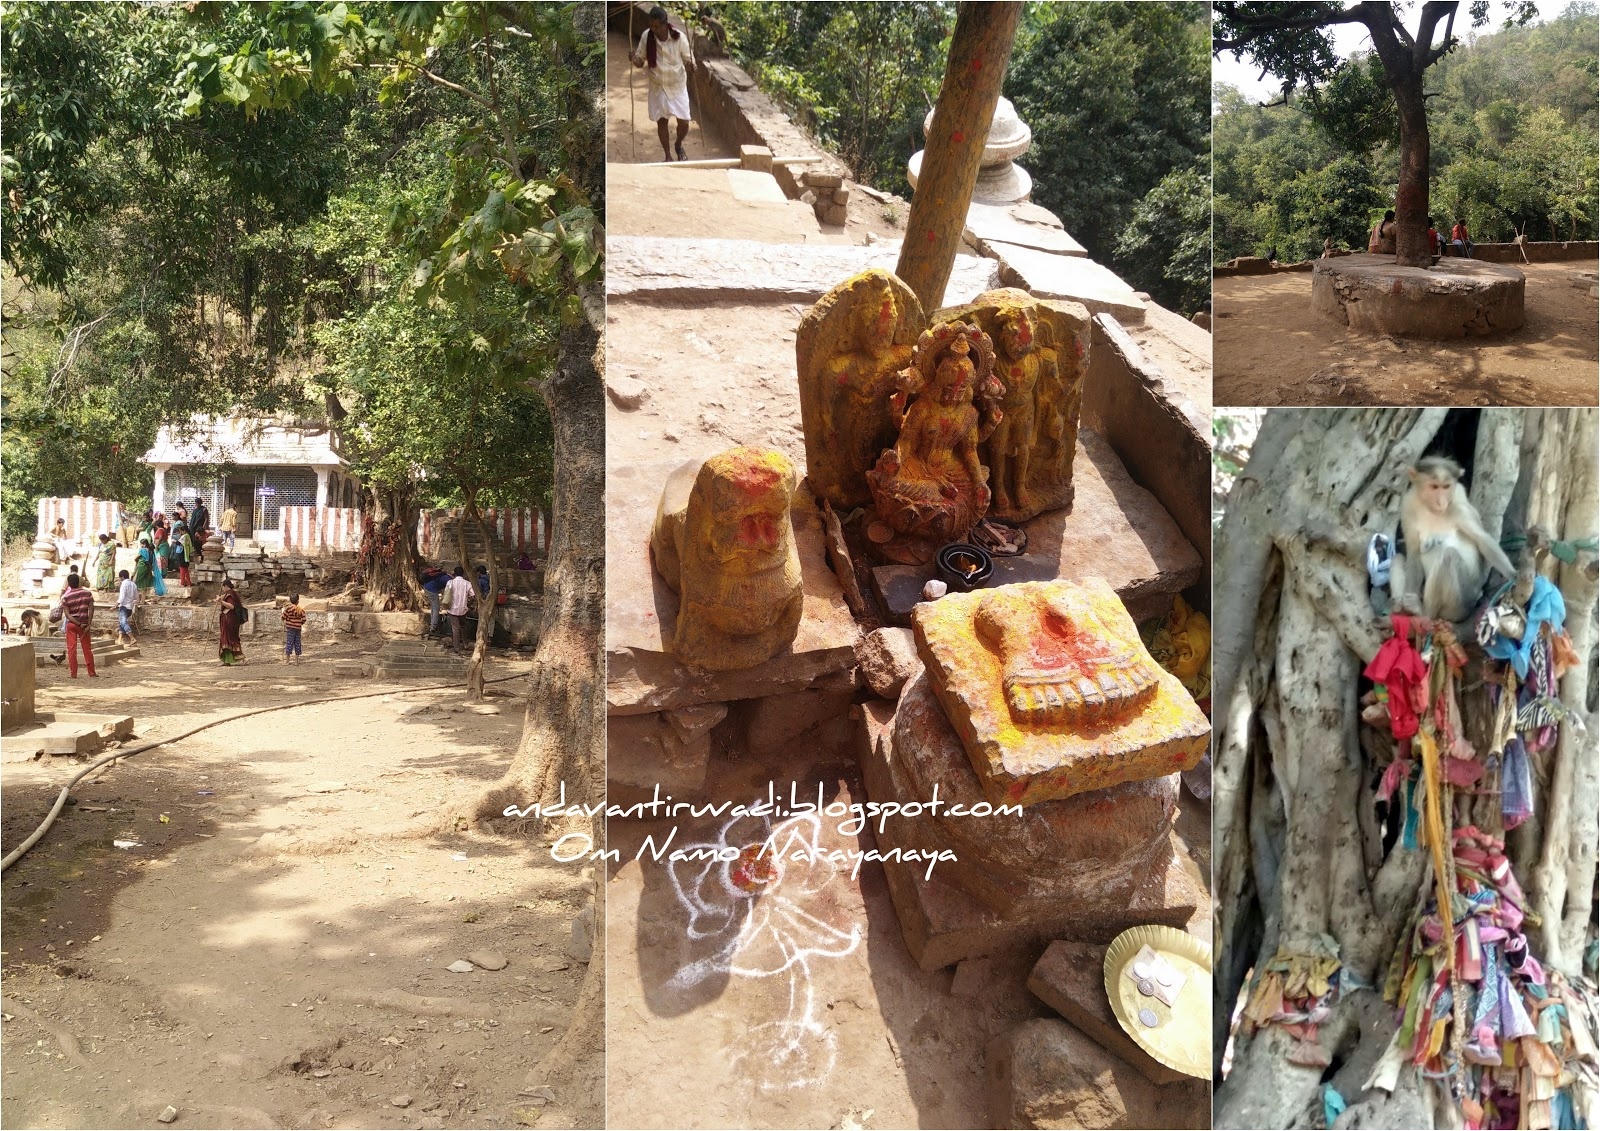 108 திவ்யதேசம், வடநாடு திவ்யதேசம், Vada Nadu Divya desams, சிங்கவேள்குன்றம்,அஹோபிலம், அஹோபில யாத்திரை, AHOBILAM NAVA NARASIMHA TEMPLE, கண்ணுக்கினியன கண்டோம் 15